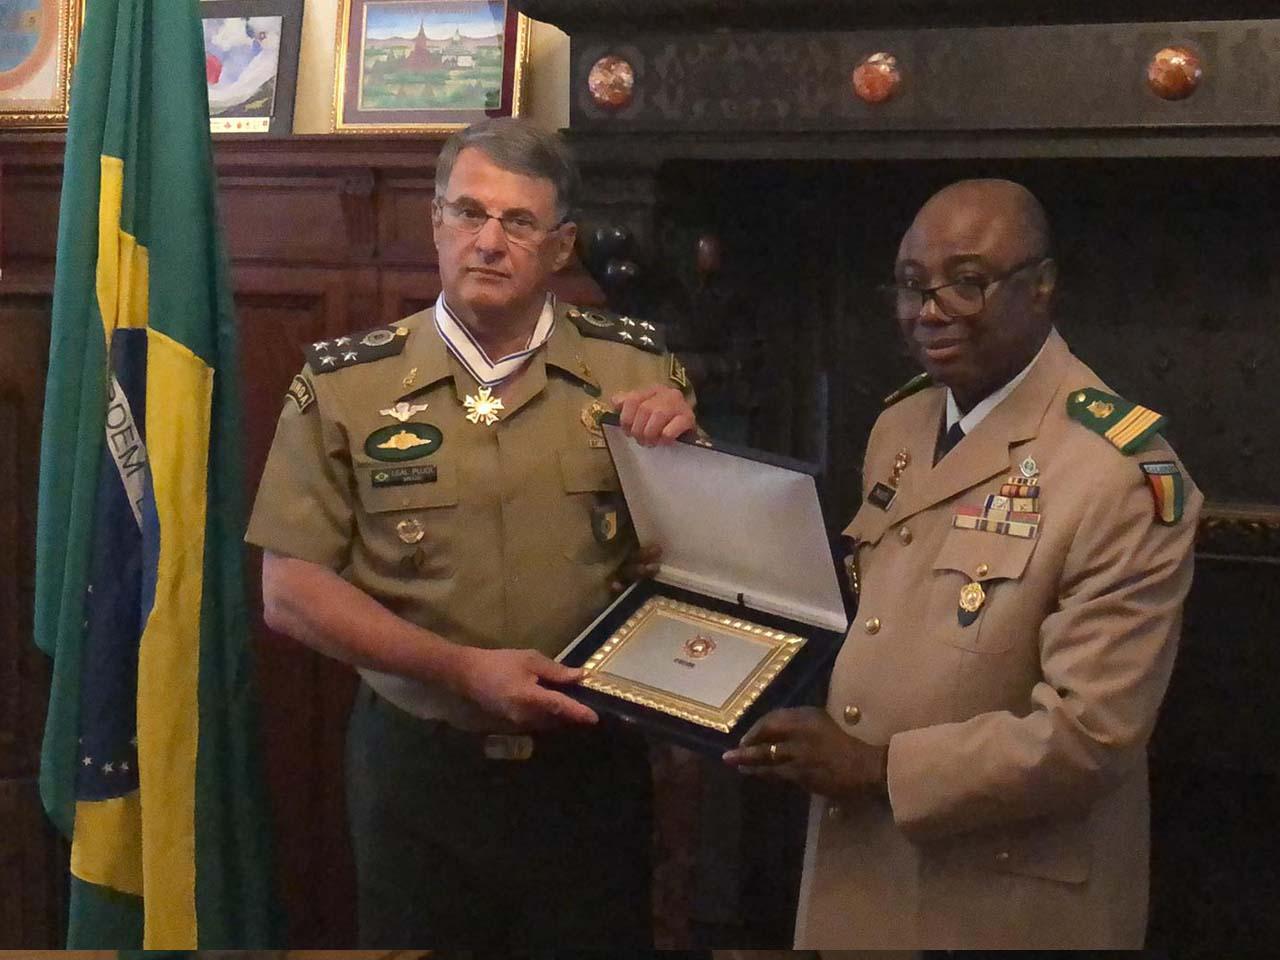 Comandante recebe medalha no Conselho Internacional do Esporte Militar e visita OTAN em viagem oficial